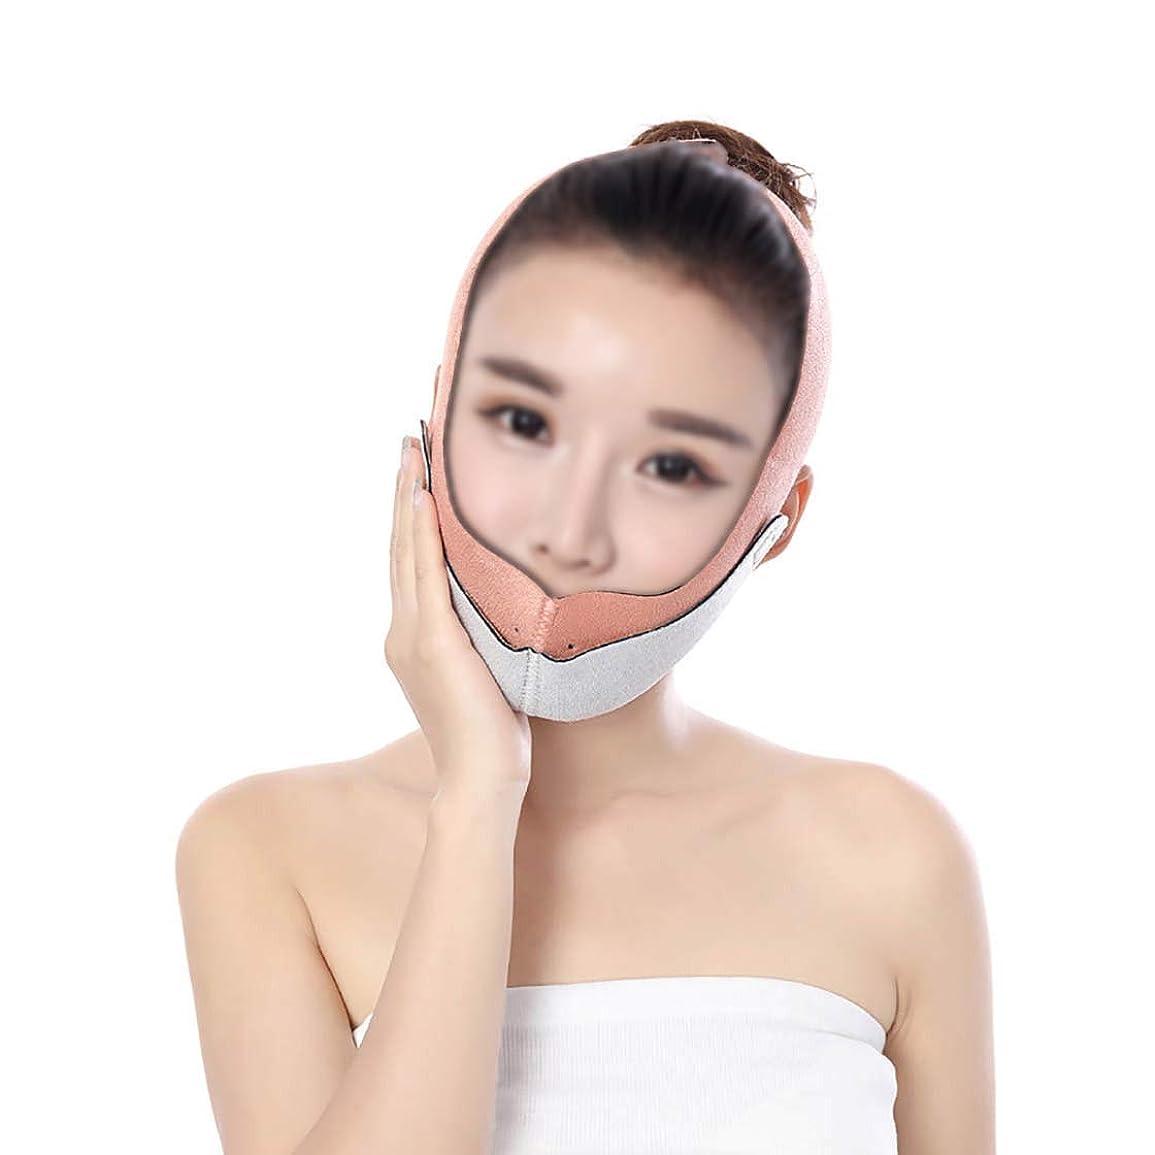 めまい宣言ベテランファーミングフェイスマスク、フェイスリフティングアーティファクト修正フェイスリフティングベルト抗たるみ包帯美容マスクマスクVフェイスクロスツール